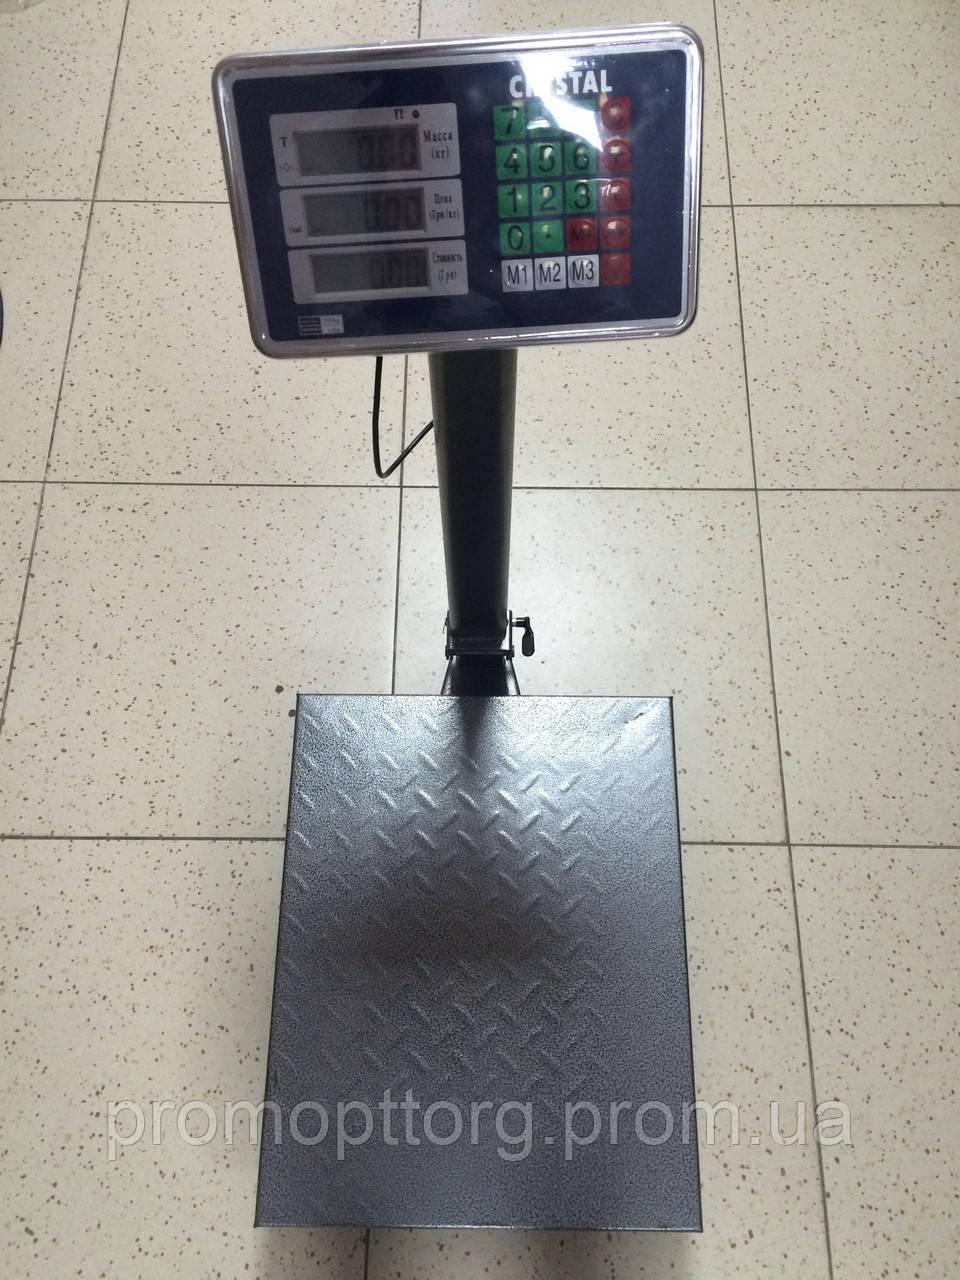 Весы торговые электронные Сrystal  (до 300 кг) с платформой и счетчиком цены на трубе (на стойке) DJV /44